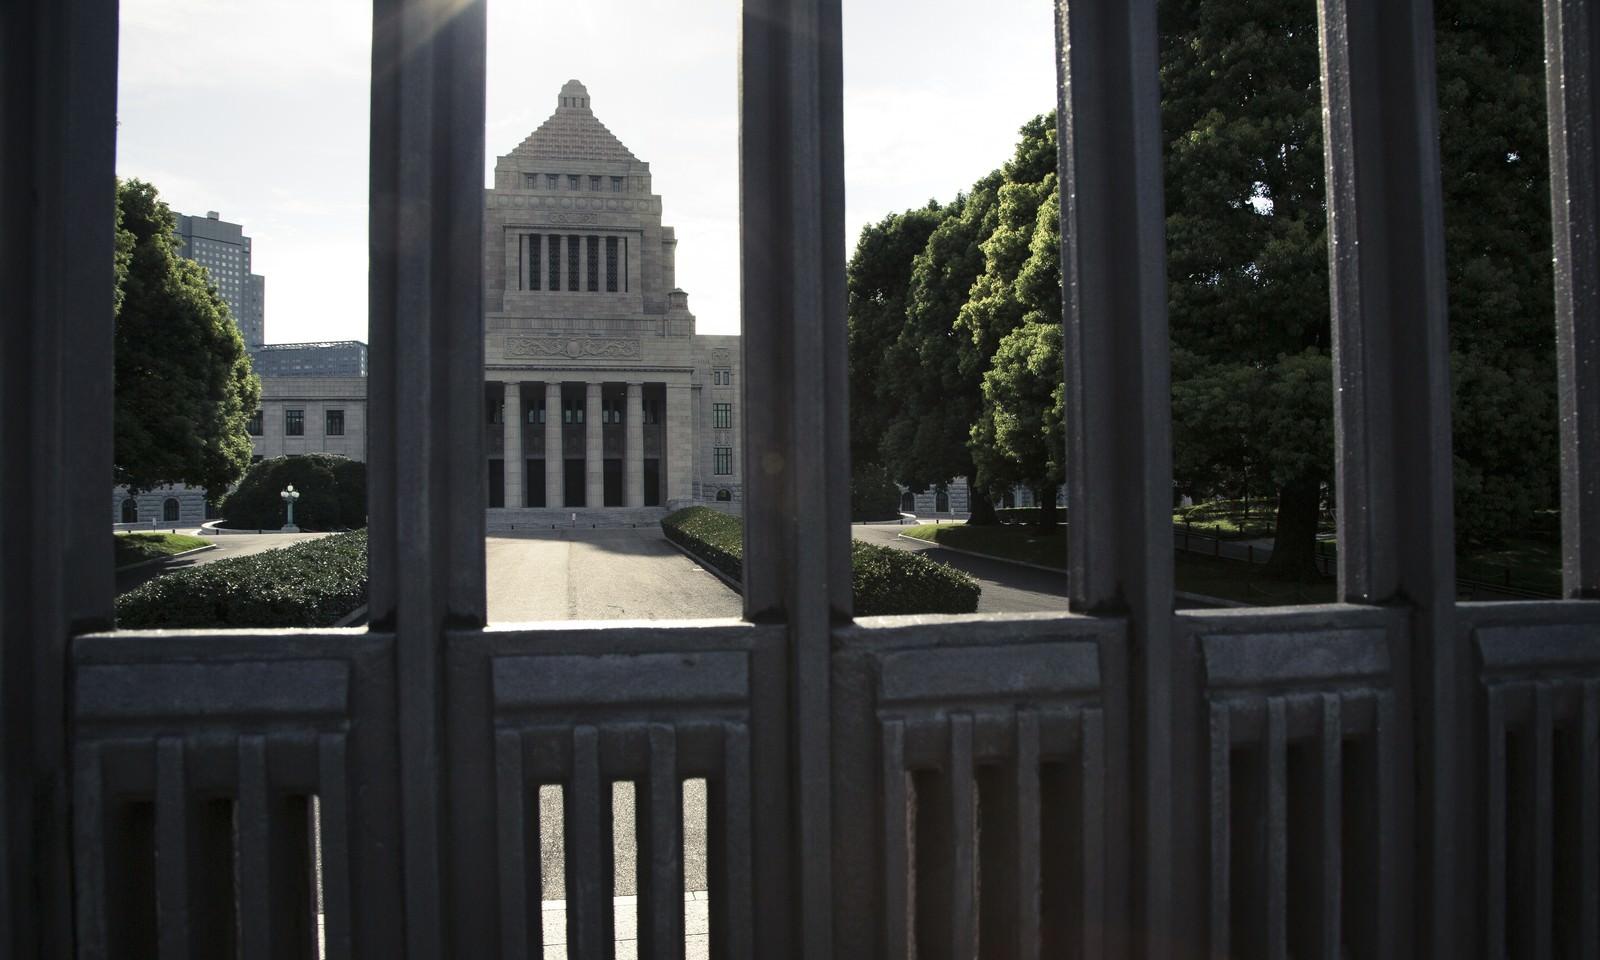 「閉門と国会議事堂閉門と国会議事堂」のフリー写真素材を拡大